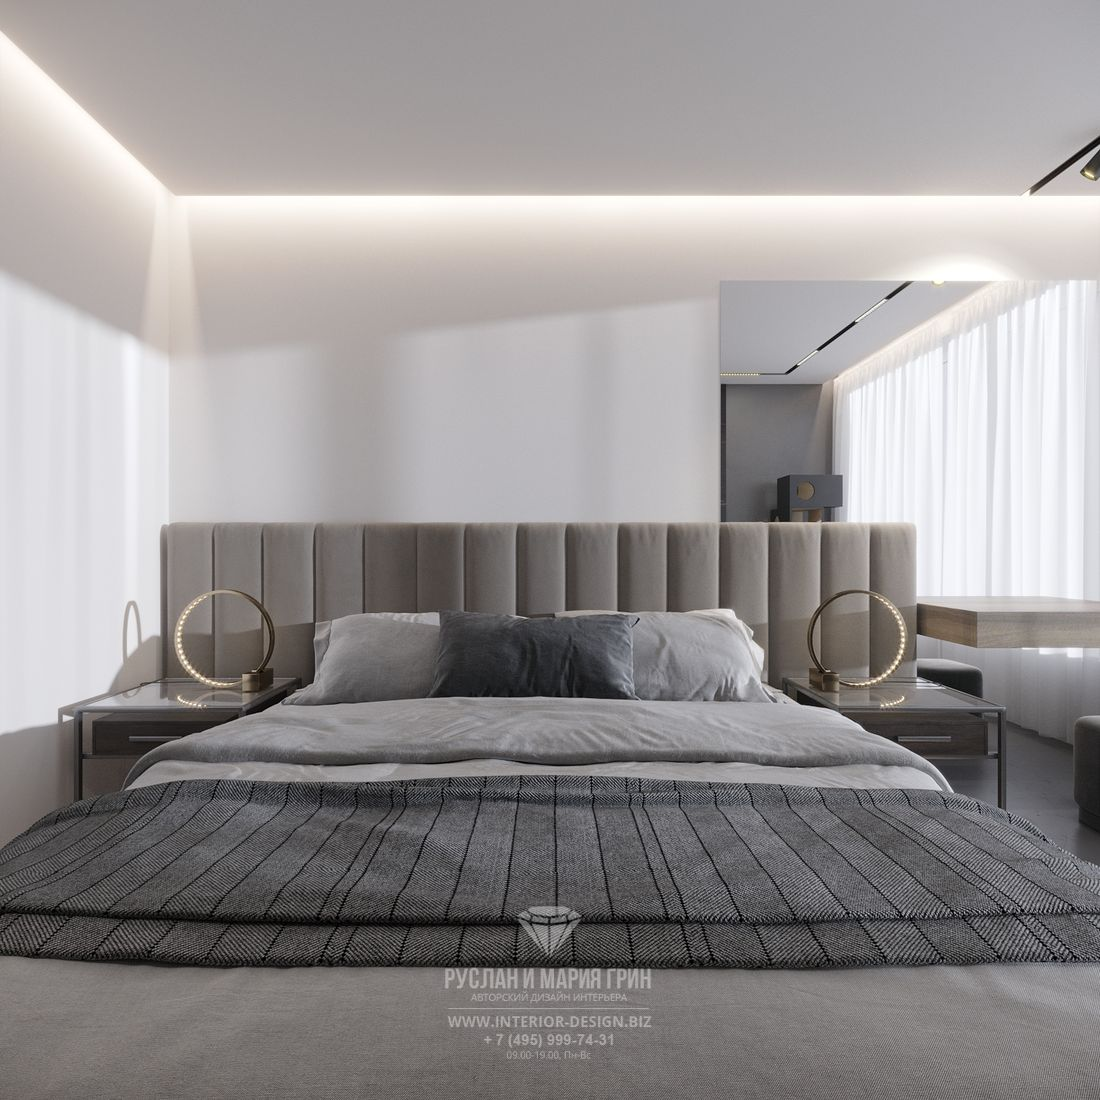 Современный дизайн спальни в серых тонах